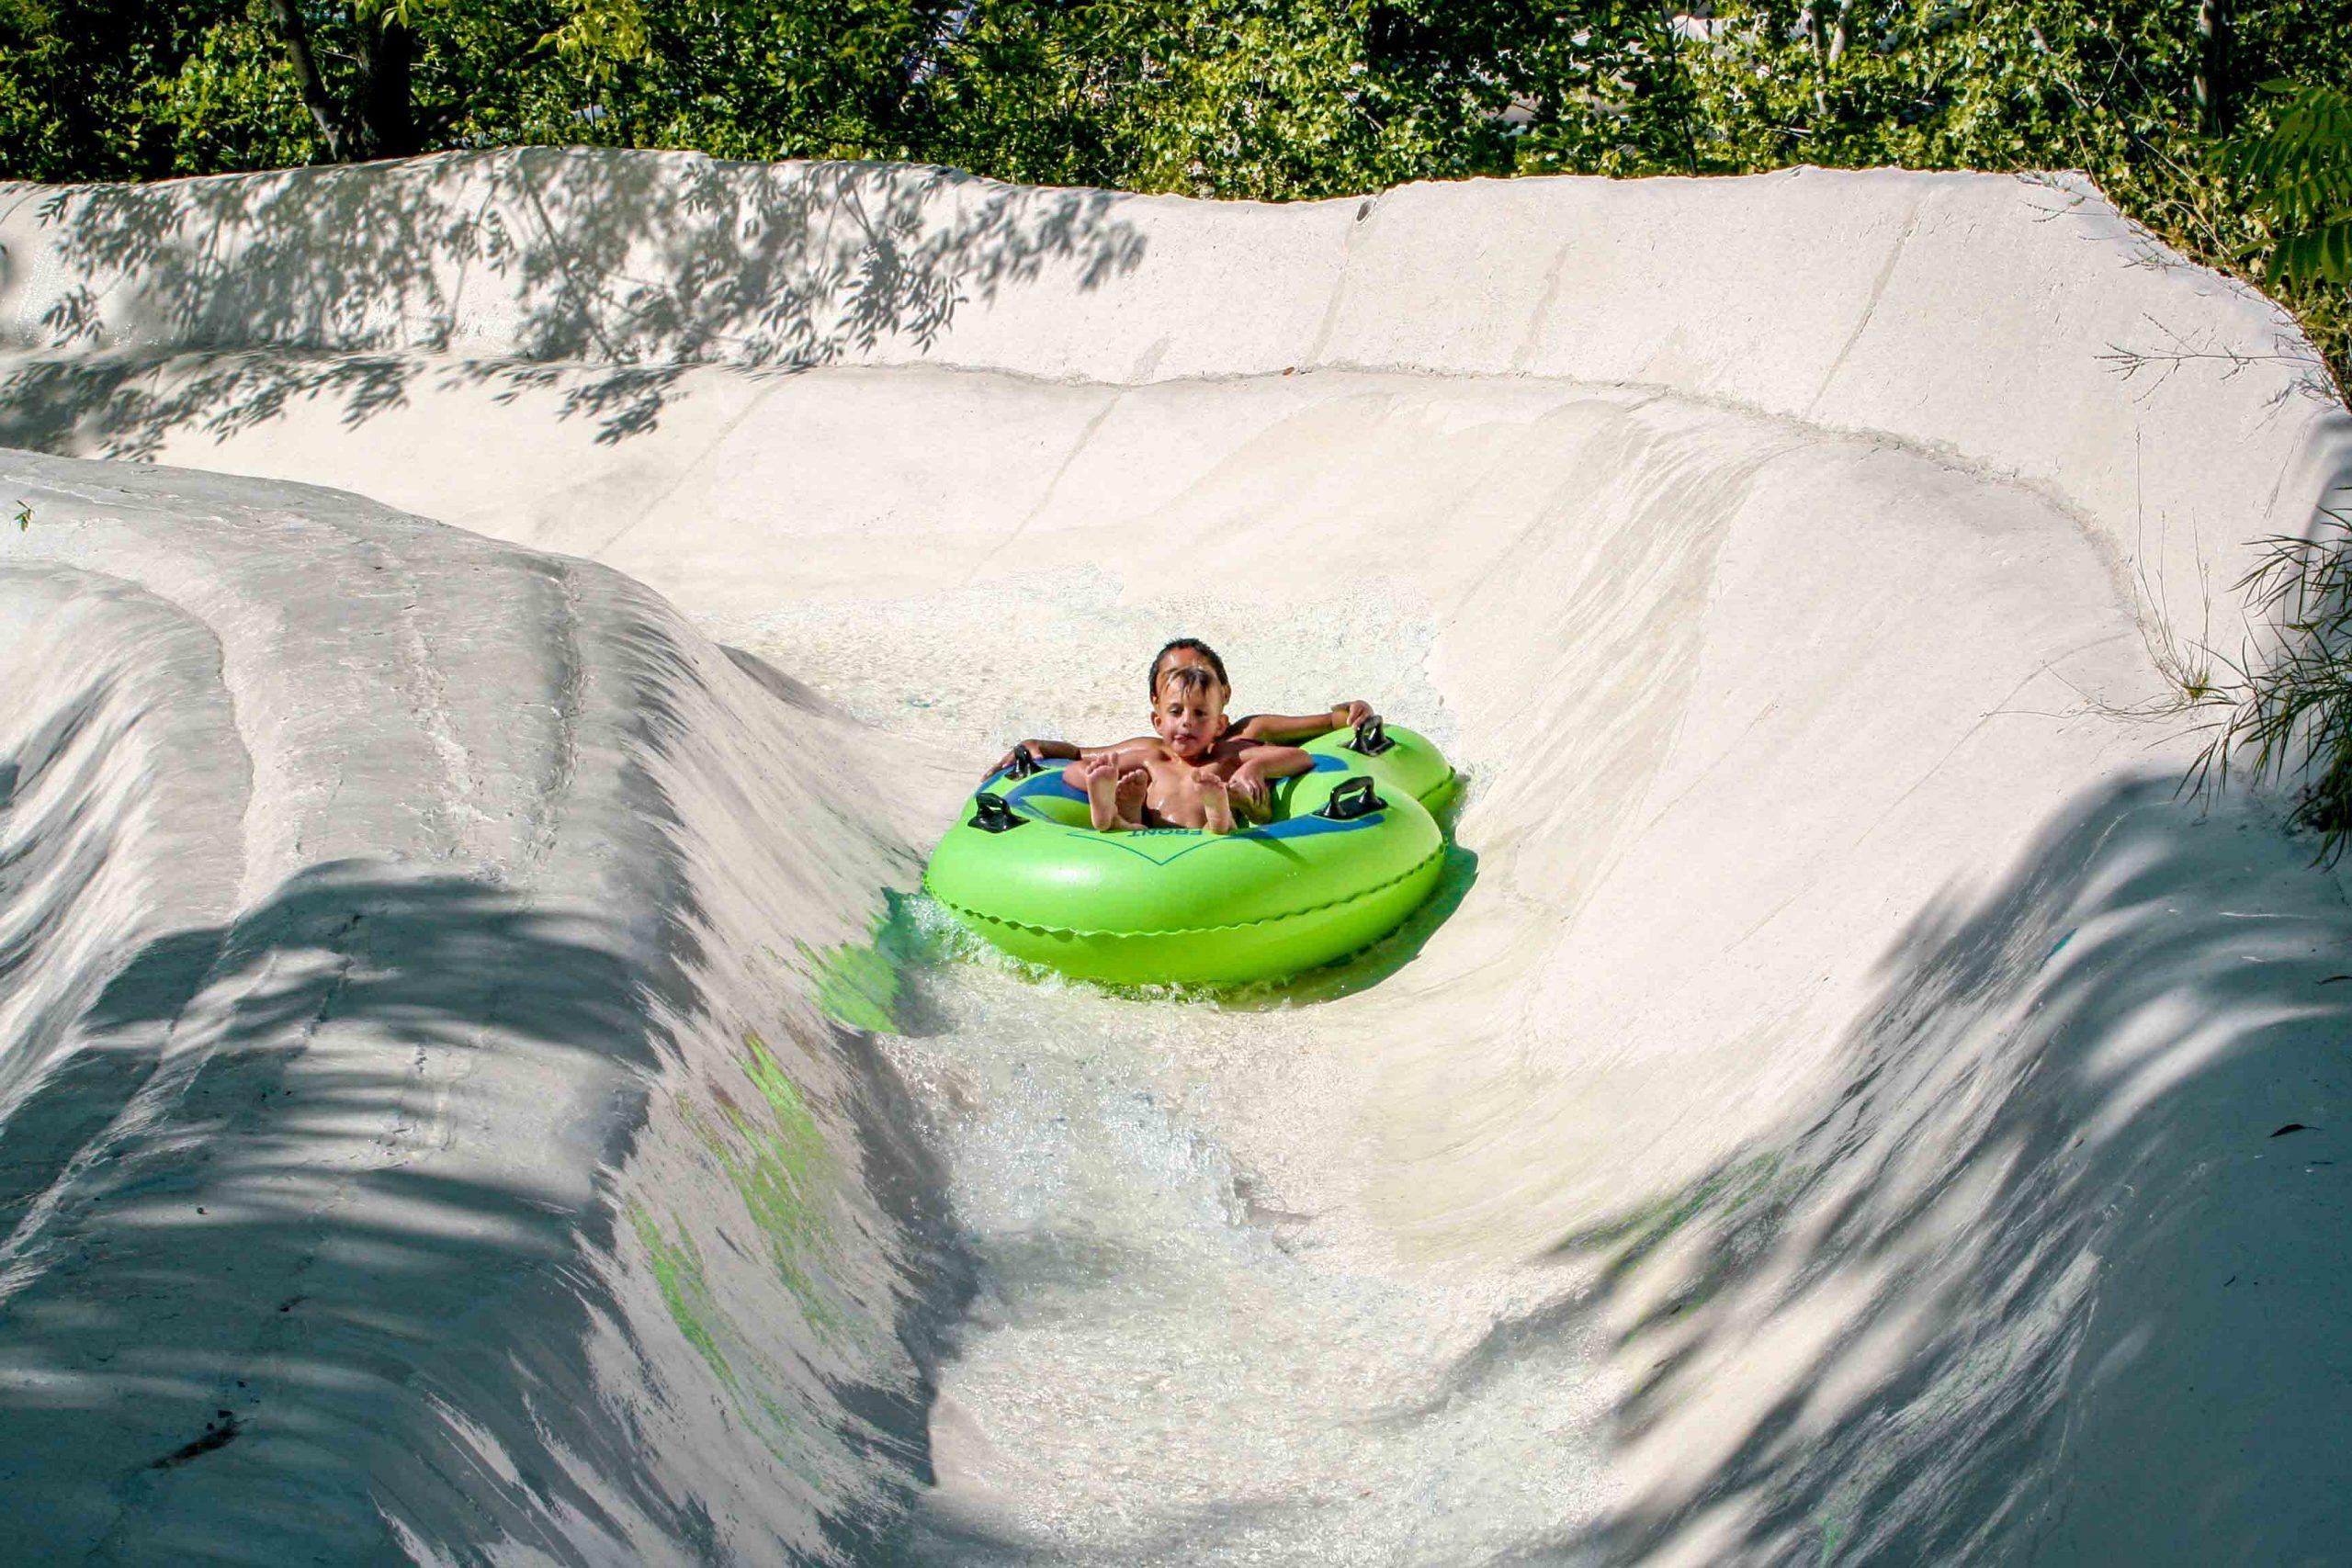 enfants sur tube vert dans une glissade blanche